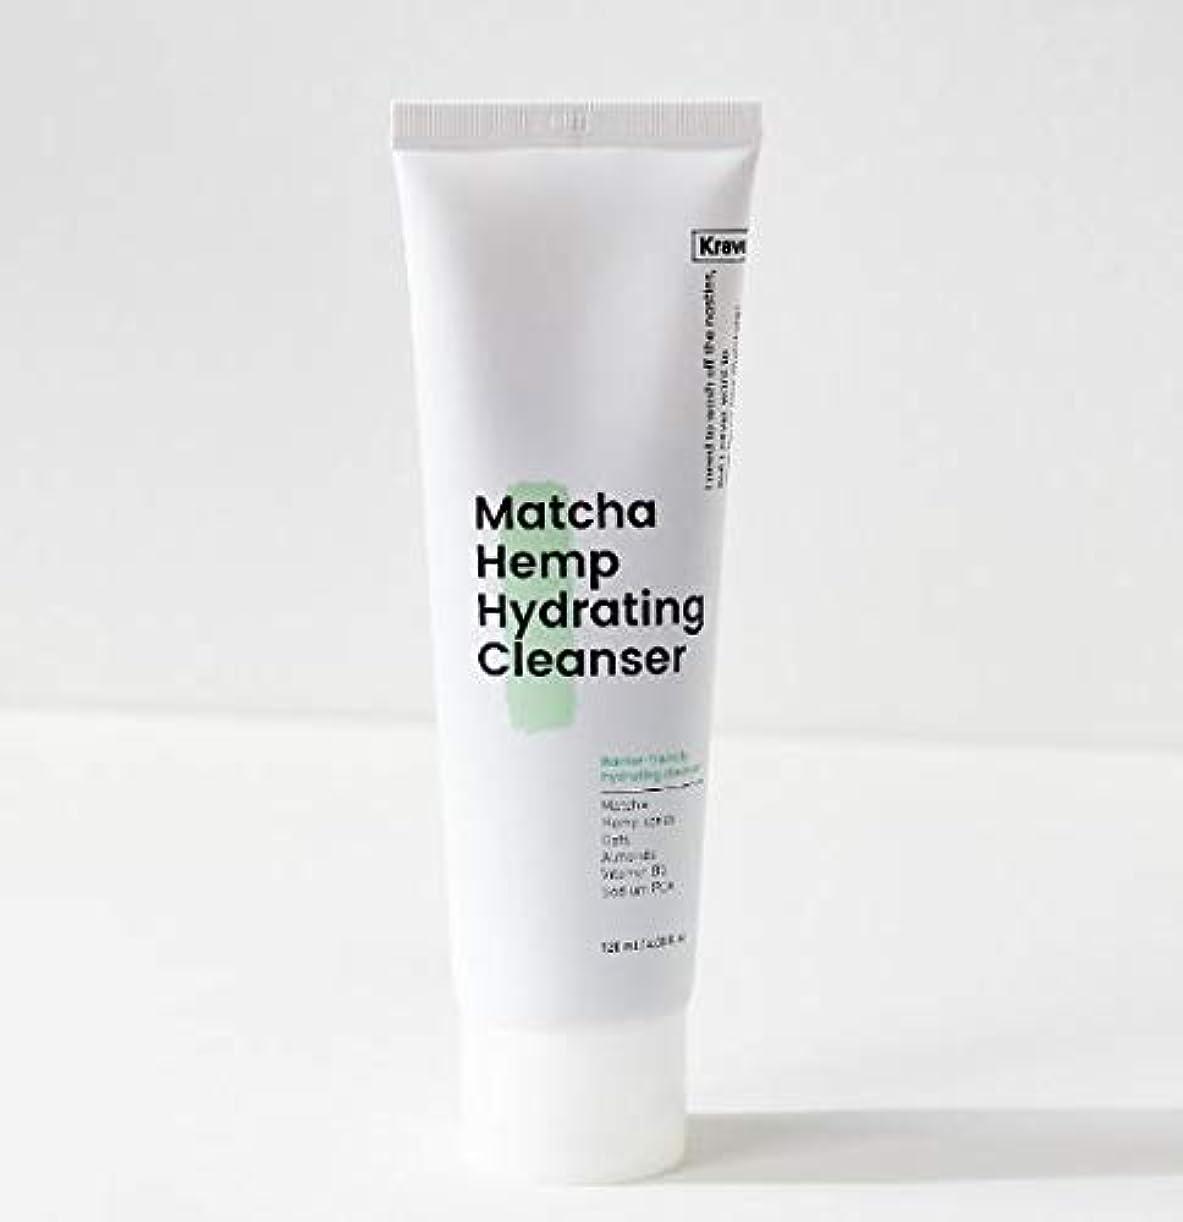 余計な勃起クラフト[Krave] Matcha Hemp Hydrating Cleanser 120ml / 抹茶ハイドレイティングクレンザー120ml [並行輸入品]